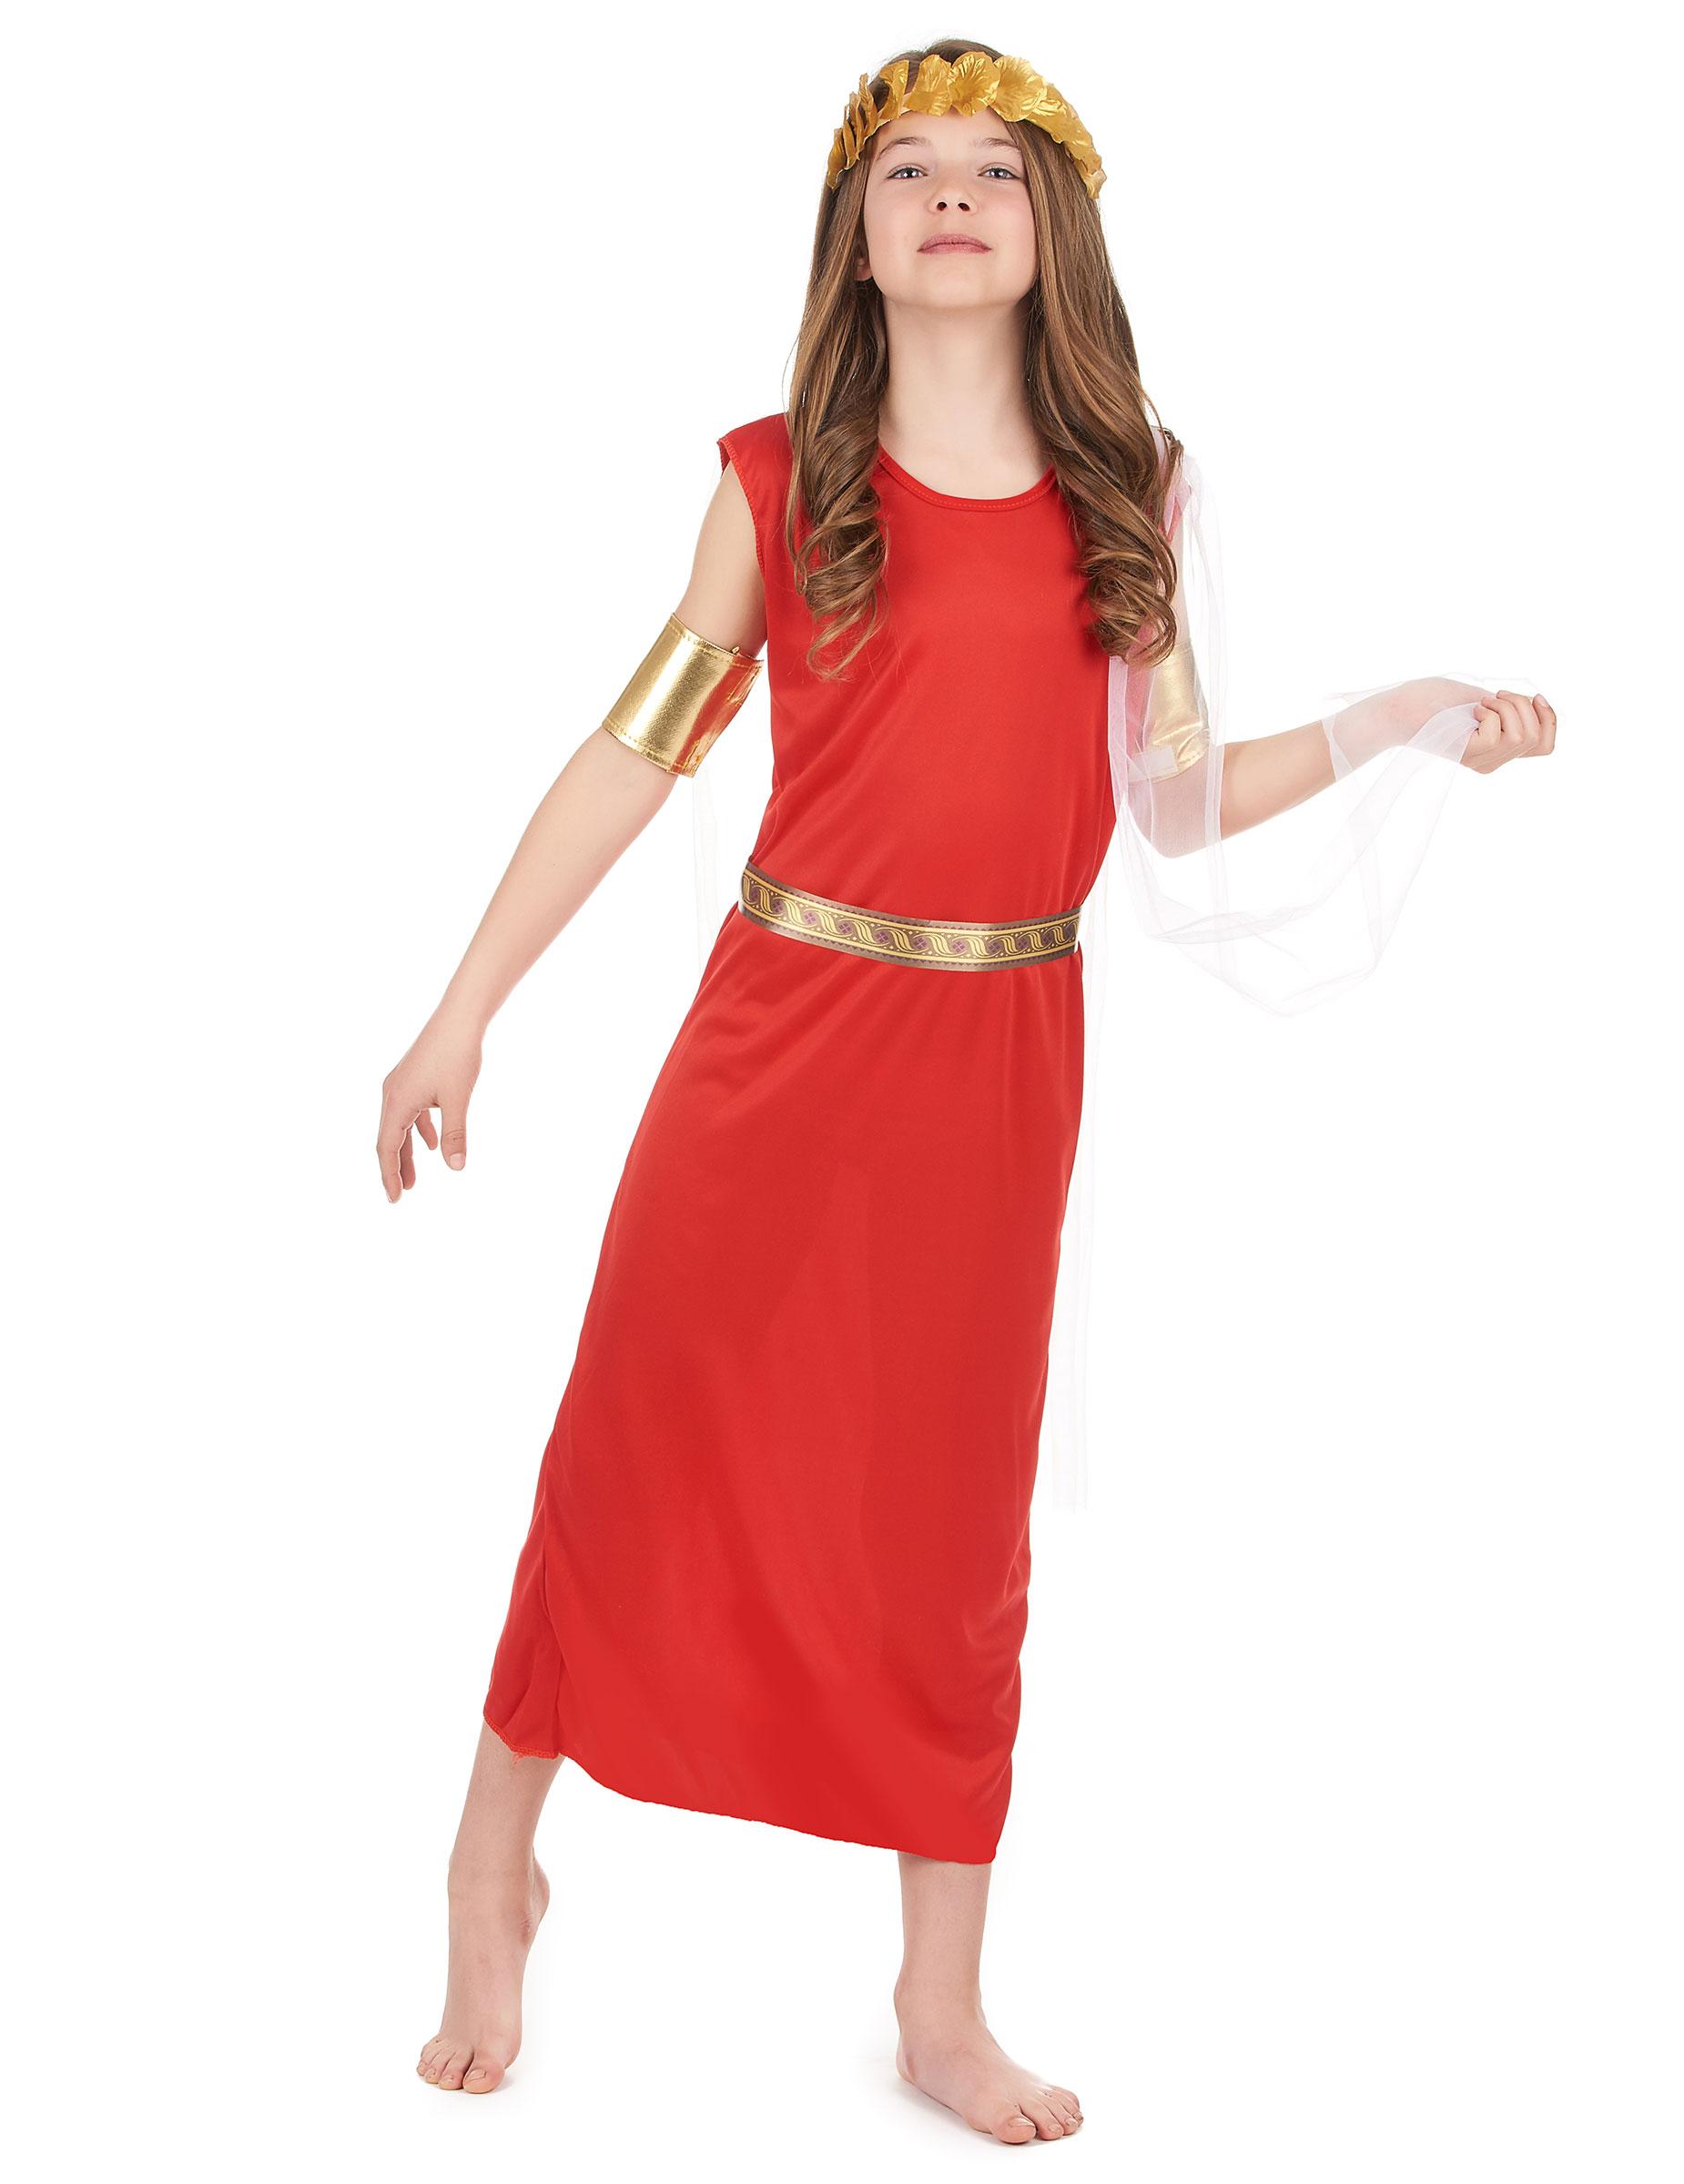 bfd1b2272a27 Costume da antica romana per bambina  Costumi bambini